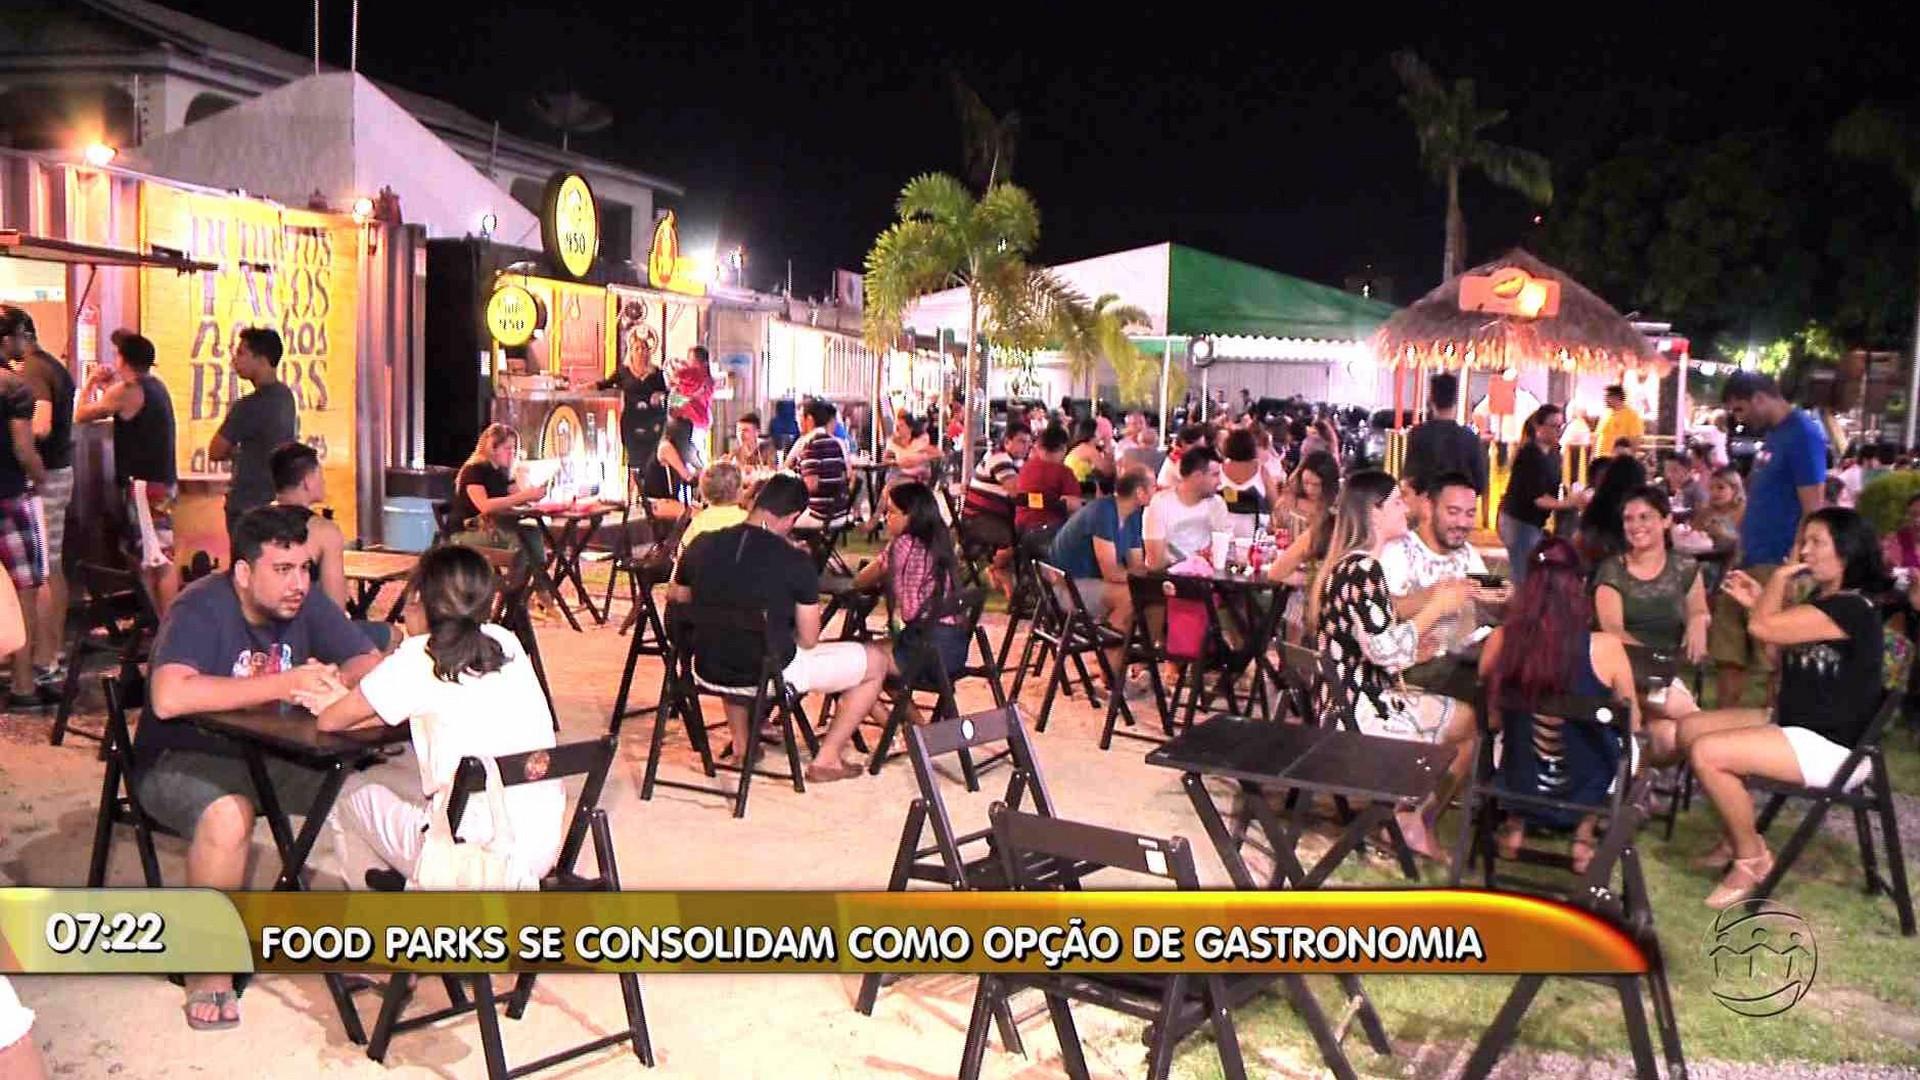 GASTRONOMIA: CONHEÇA OPÇÕES DE FOOD PARKS EM MANAUS - Manhã no Ar 24/11/17